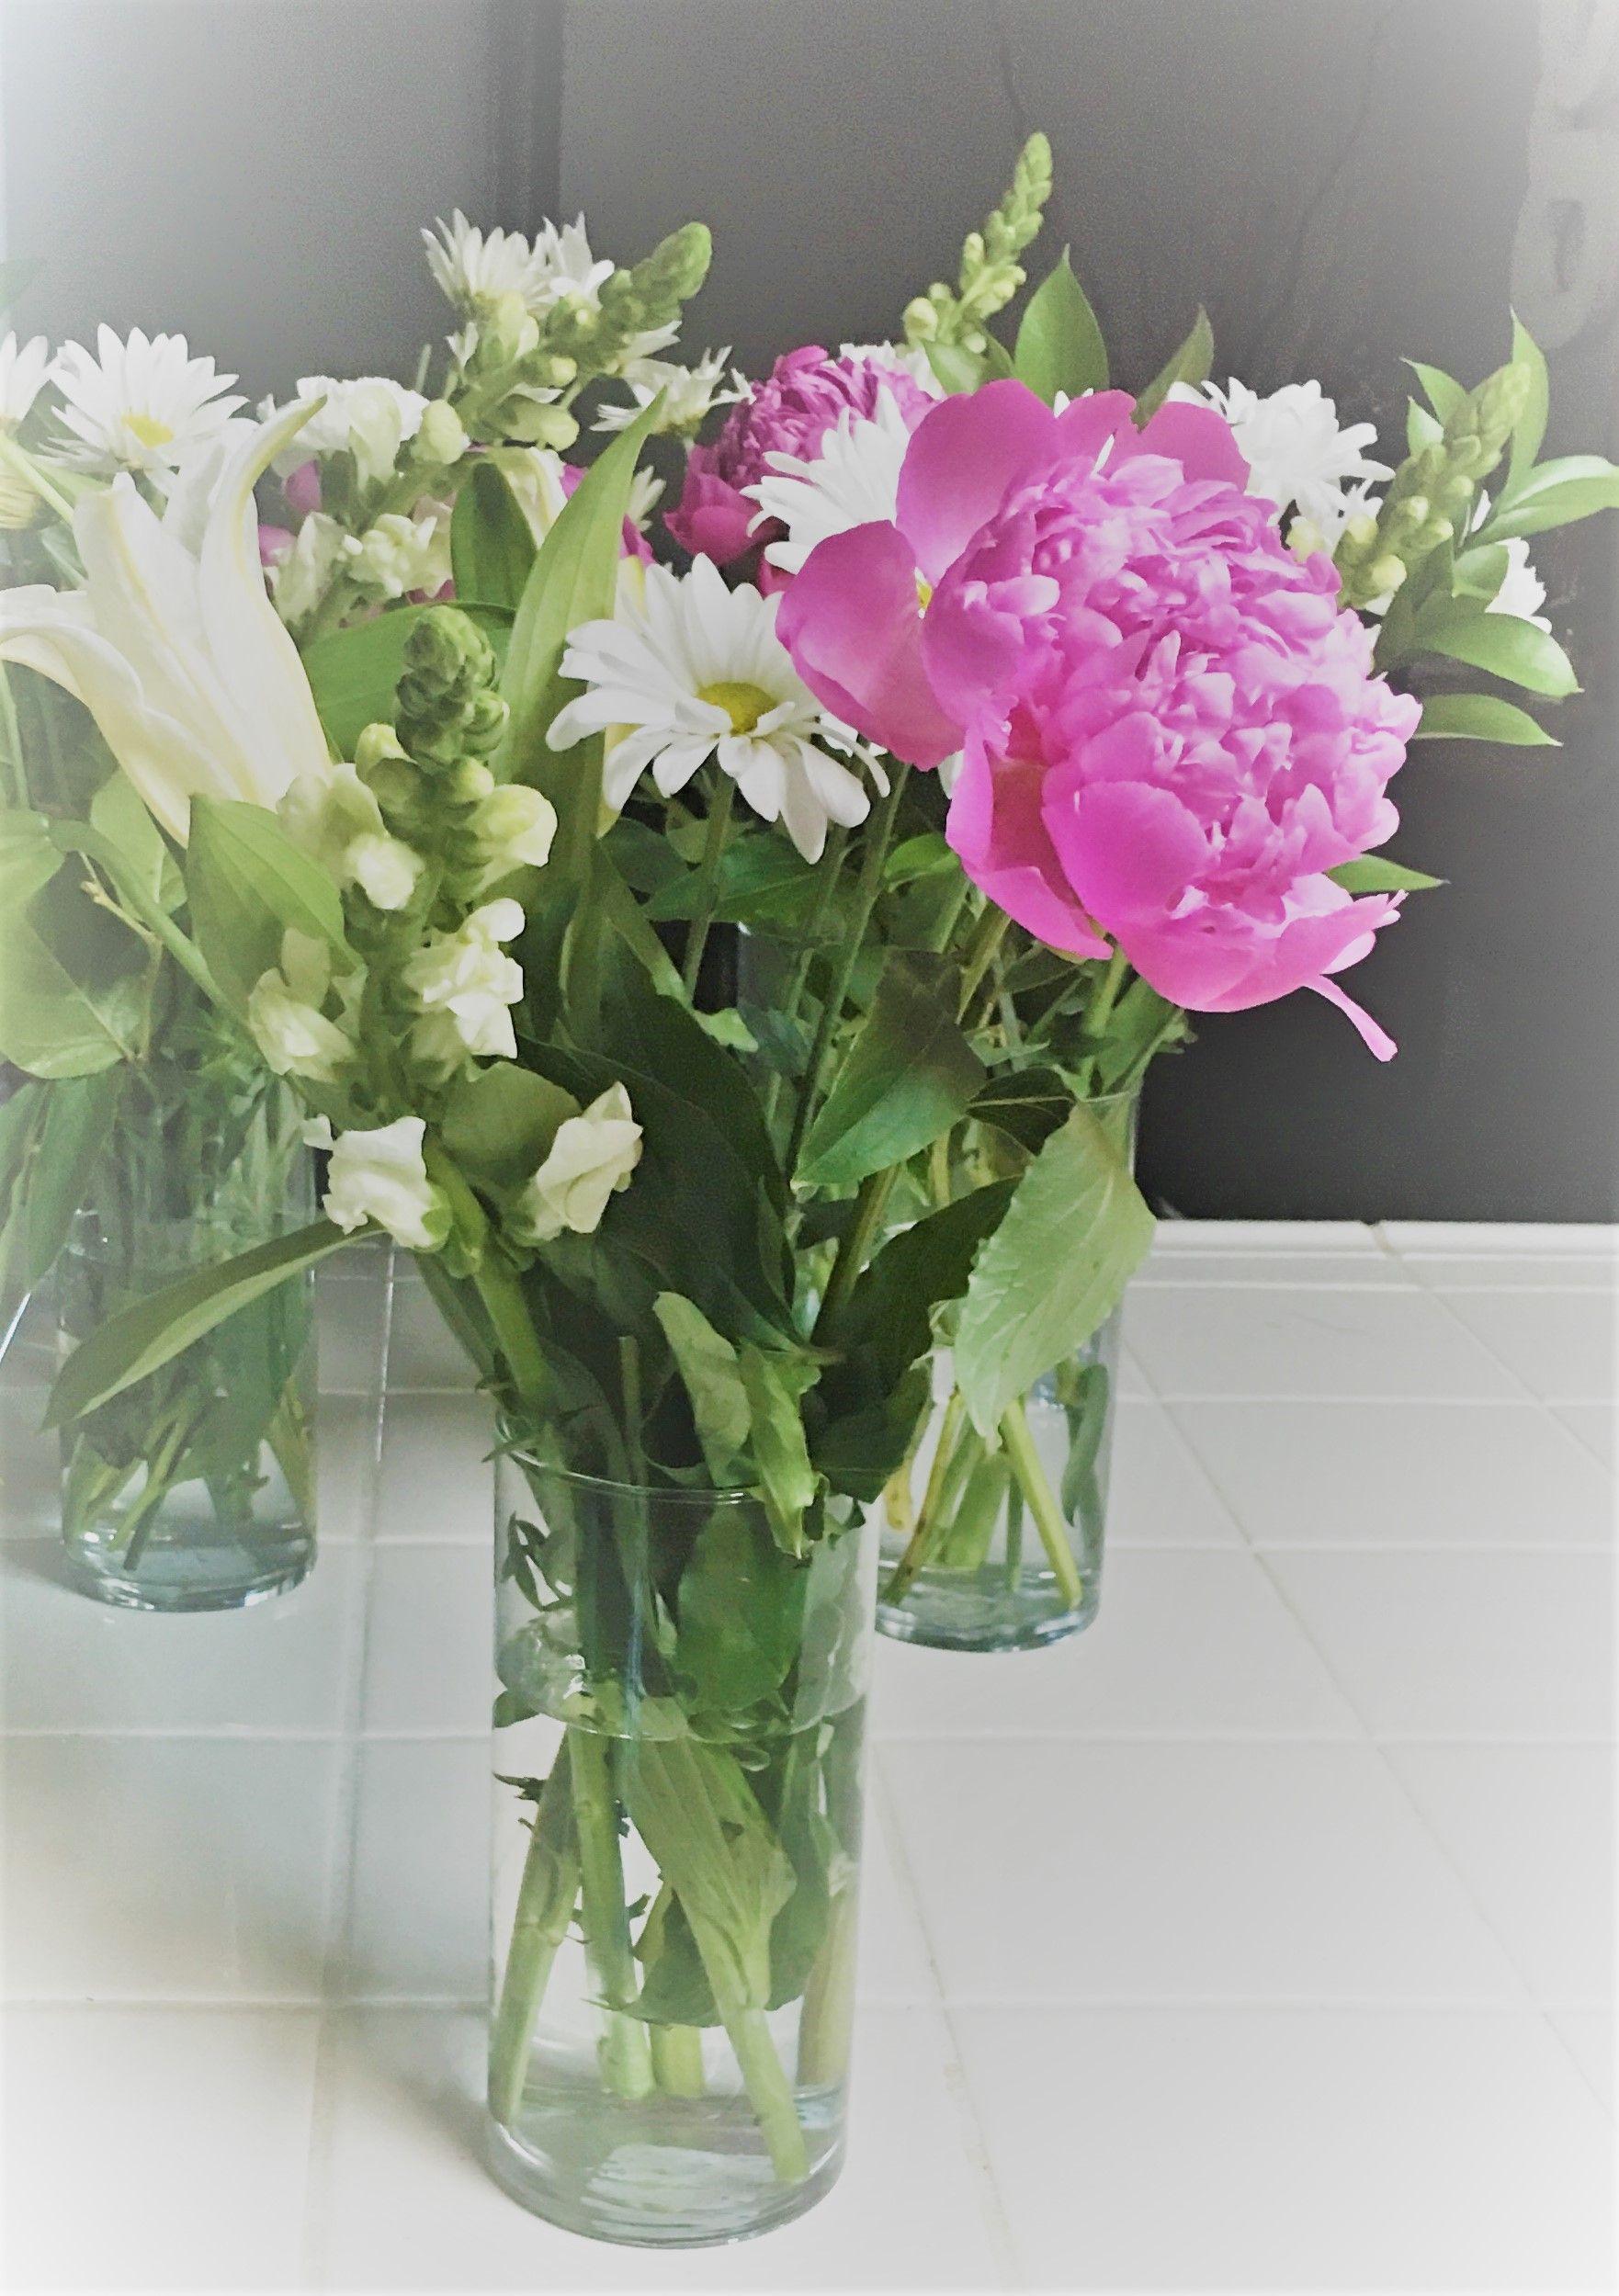 Cheap flower arrangementcenter piece for girls baby shower i used cheap flower arrangementcenter piece for girls baby shower i used a simple arrangement izmirmasajfo